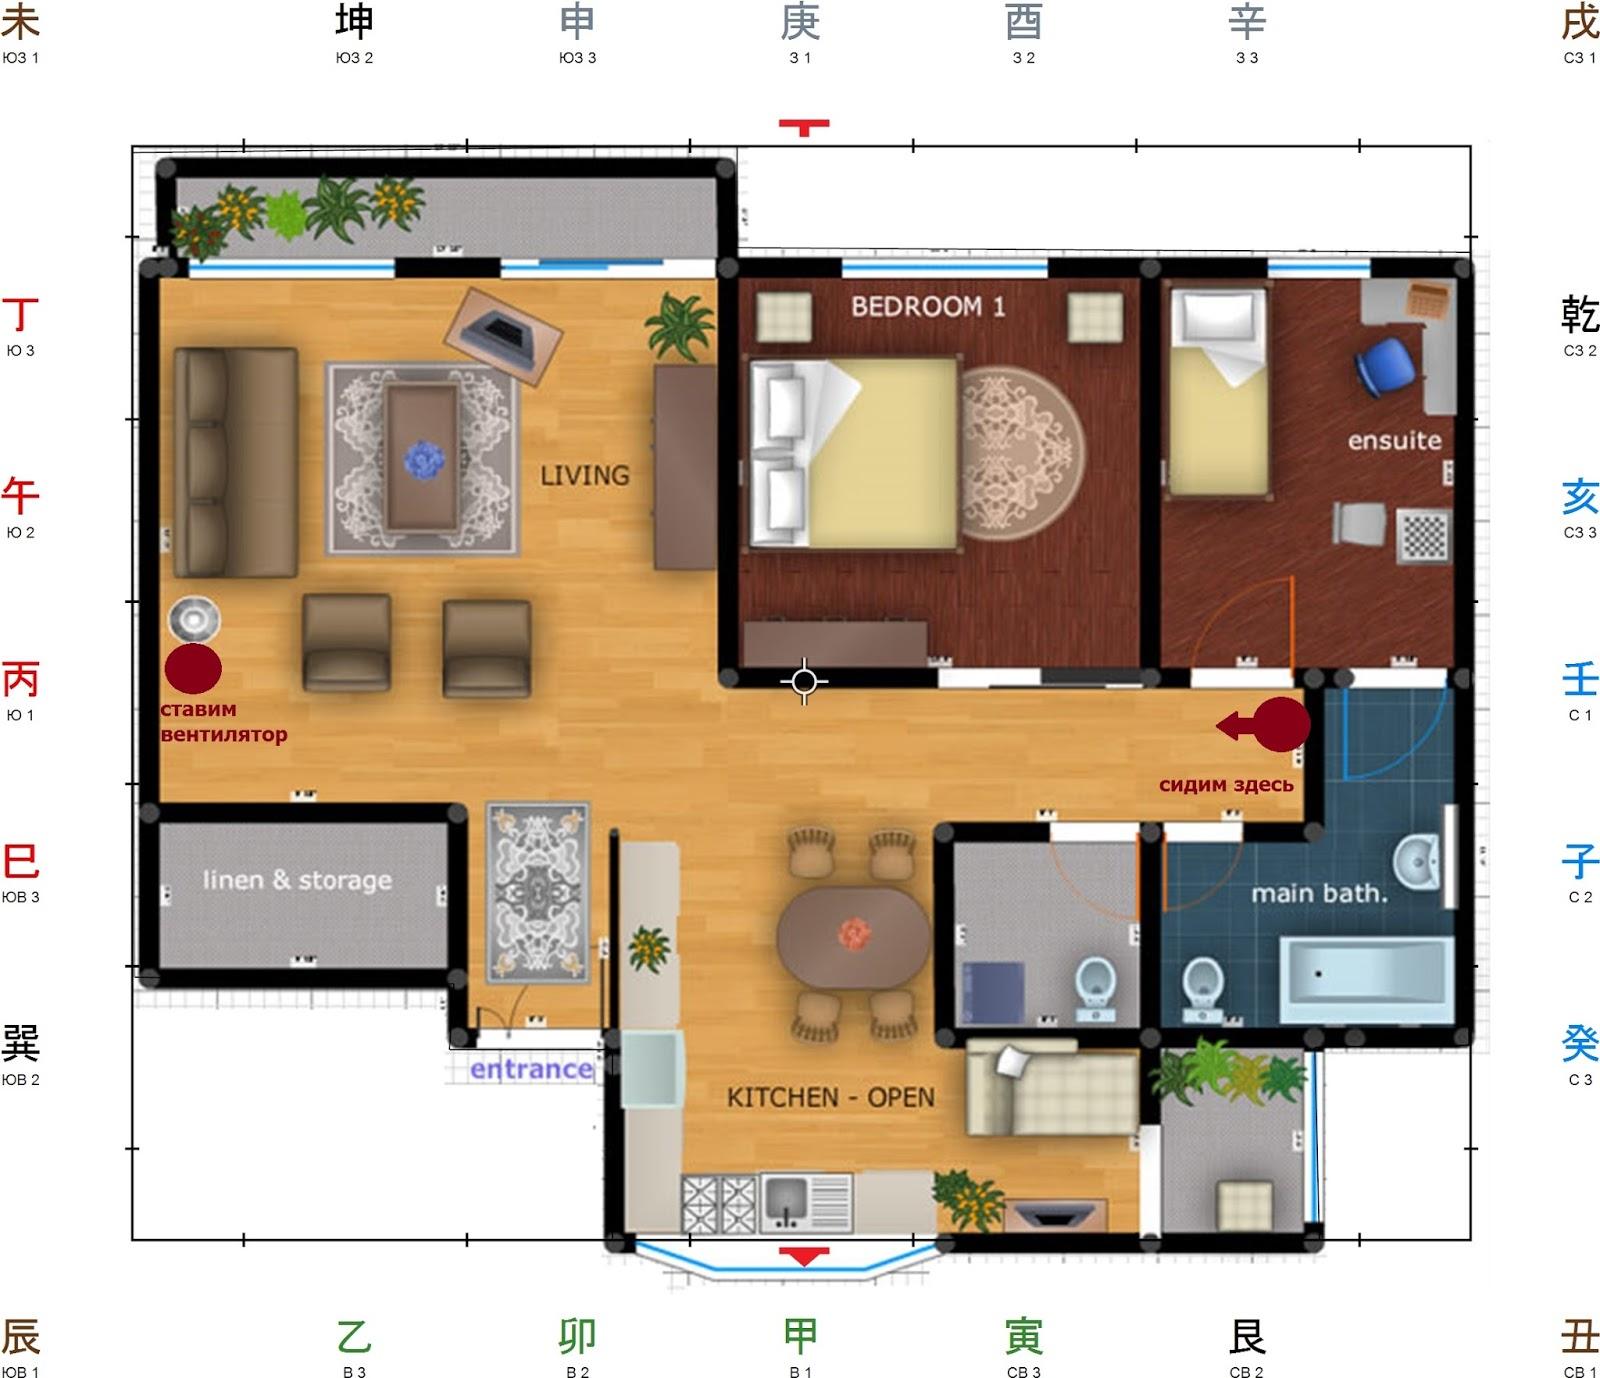 Дизайн квартиры своими руками программа онлайн на русском языке